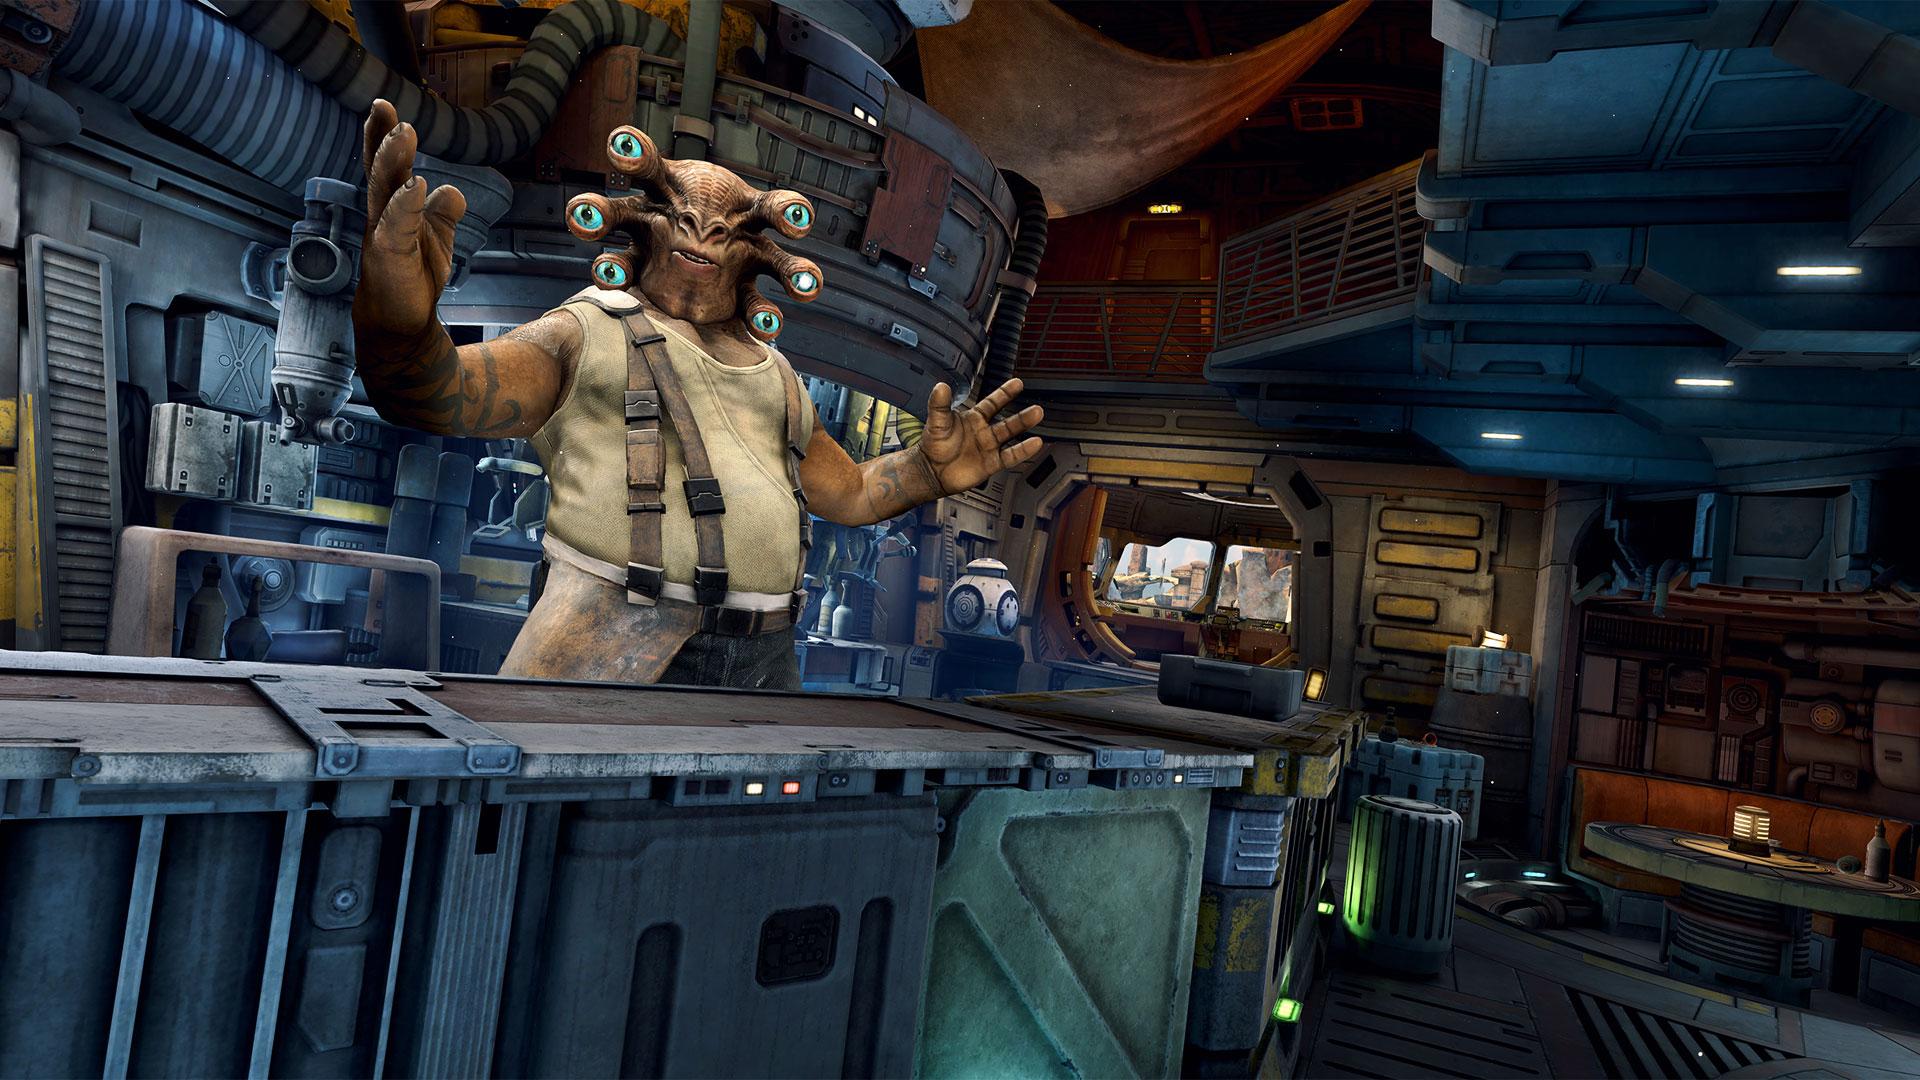 In einer Bar begrüßt Dich der sechsäugige Außerirdische Seezelslak